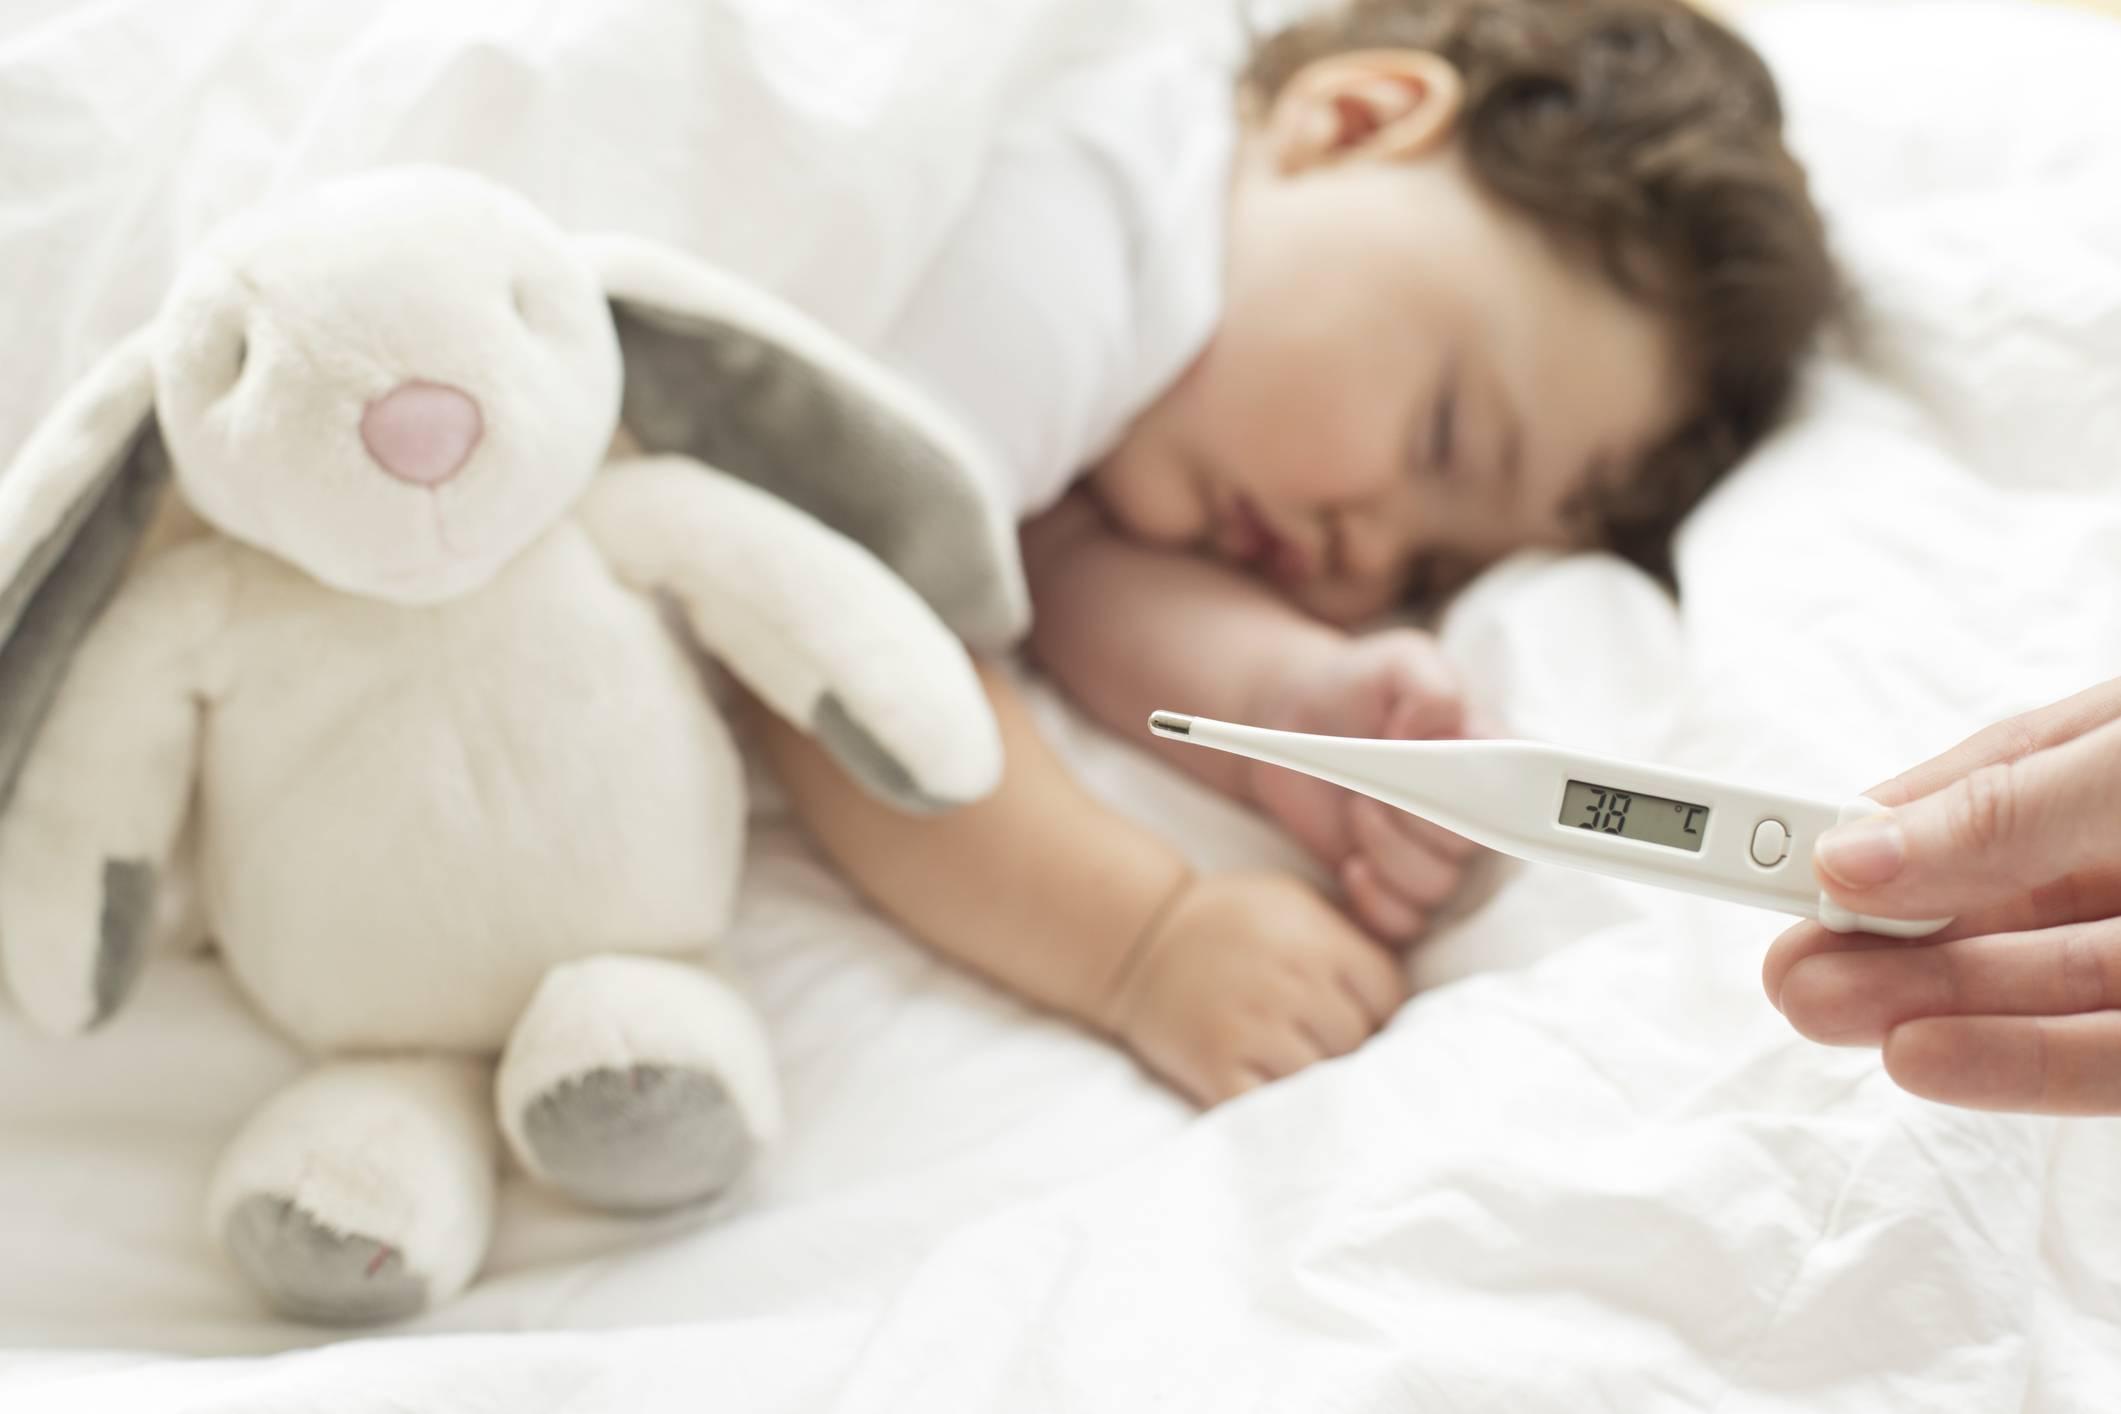 Как поднять температуру ребенку, какие методы допустимо применять для помощи детям